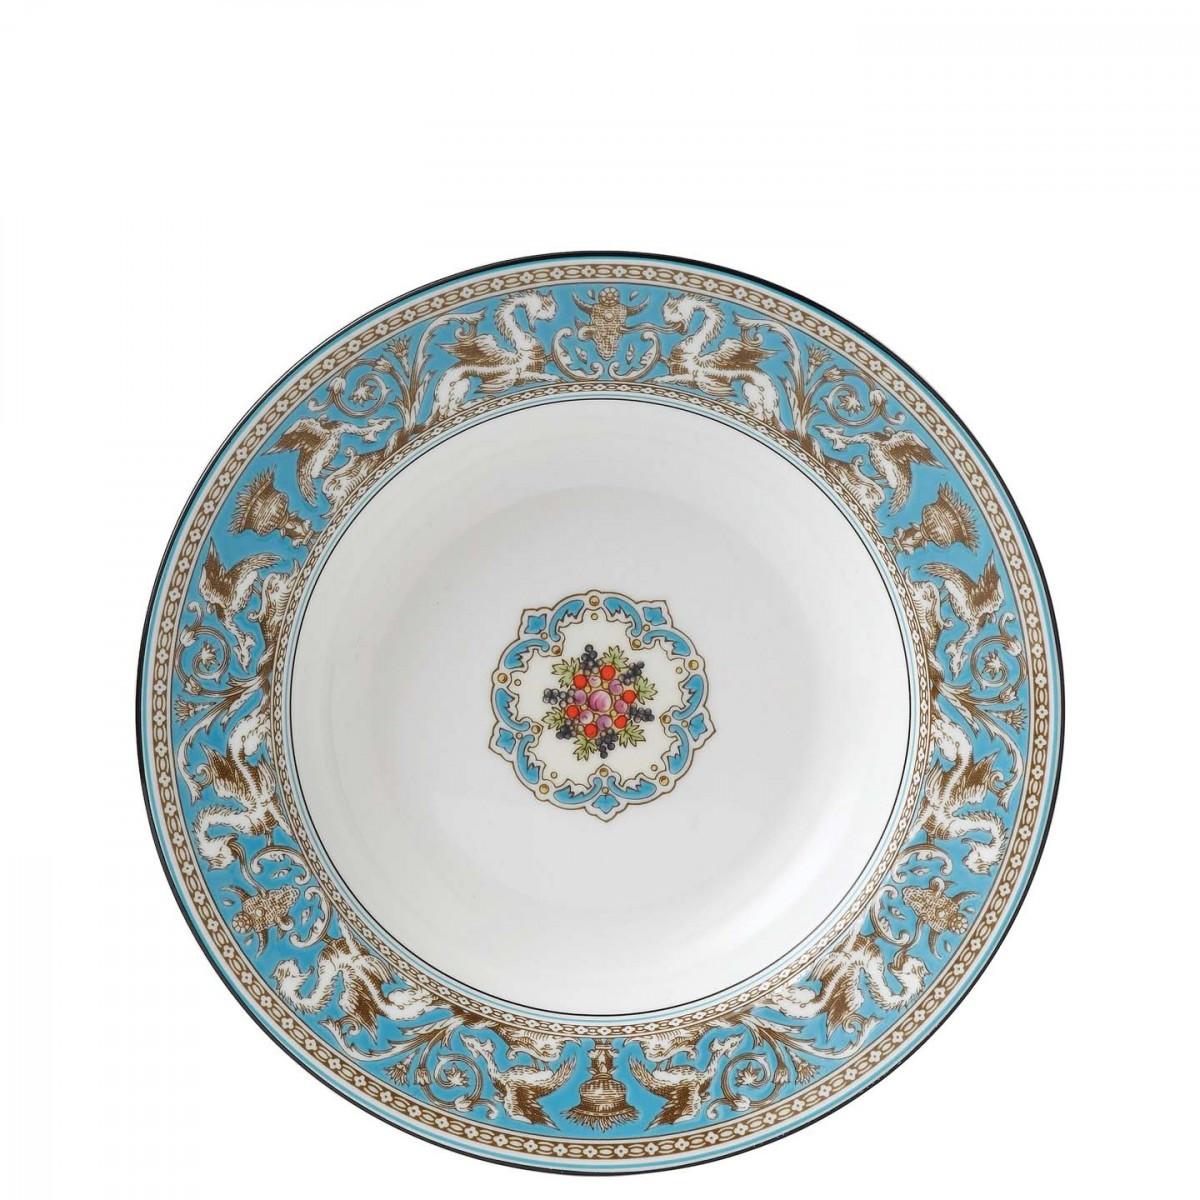 wedgwood bone china wild strawberry vase of wedgwood florentine turquoise soup plate 23cm wedgwooda uk pertaining to florentine turquoise soup plate 23cm